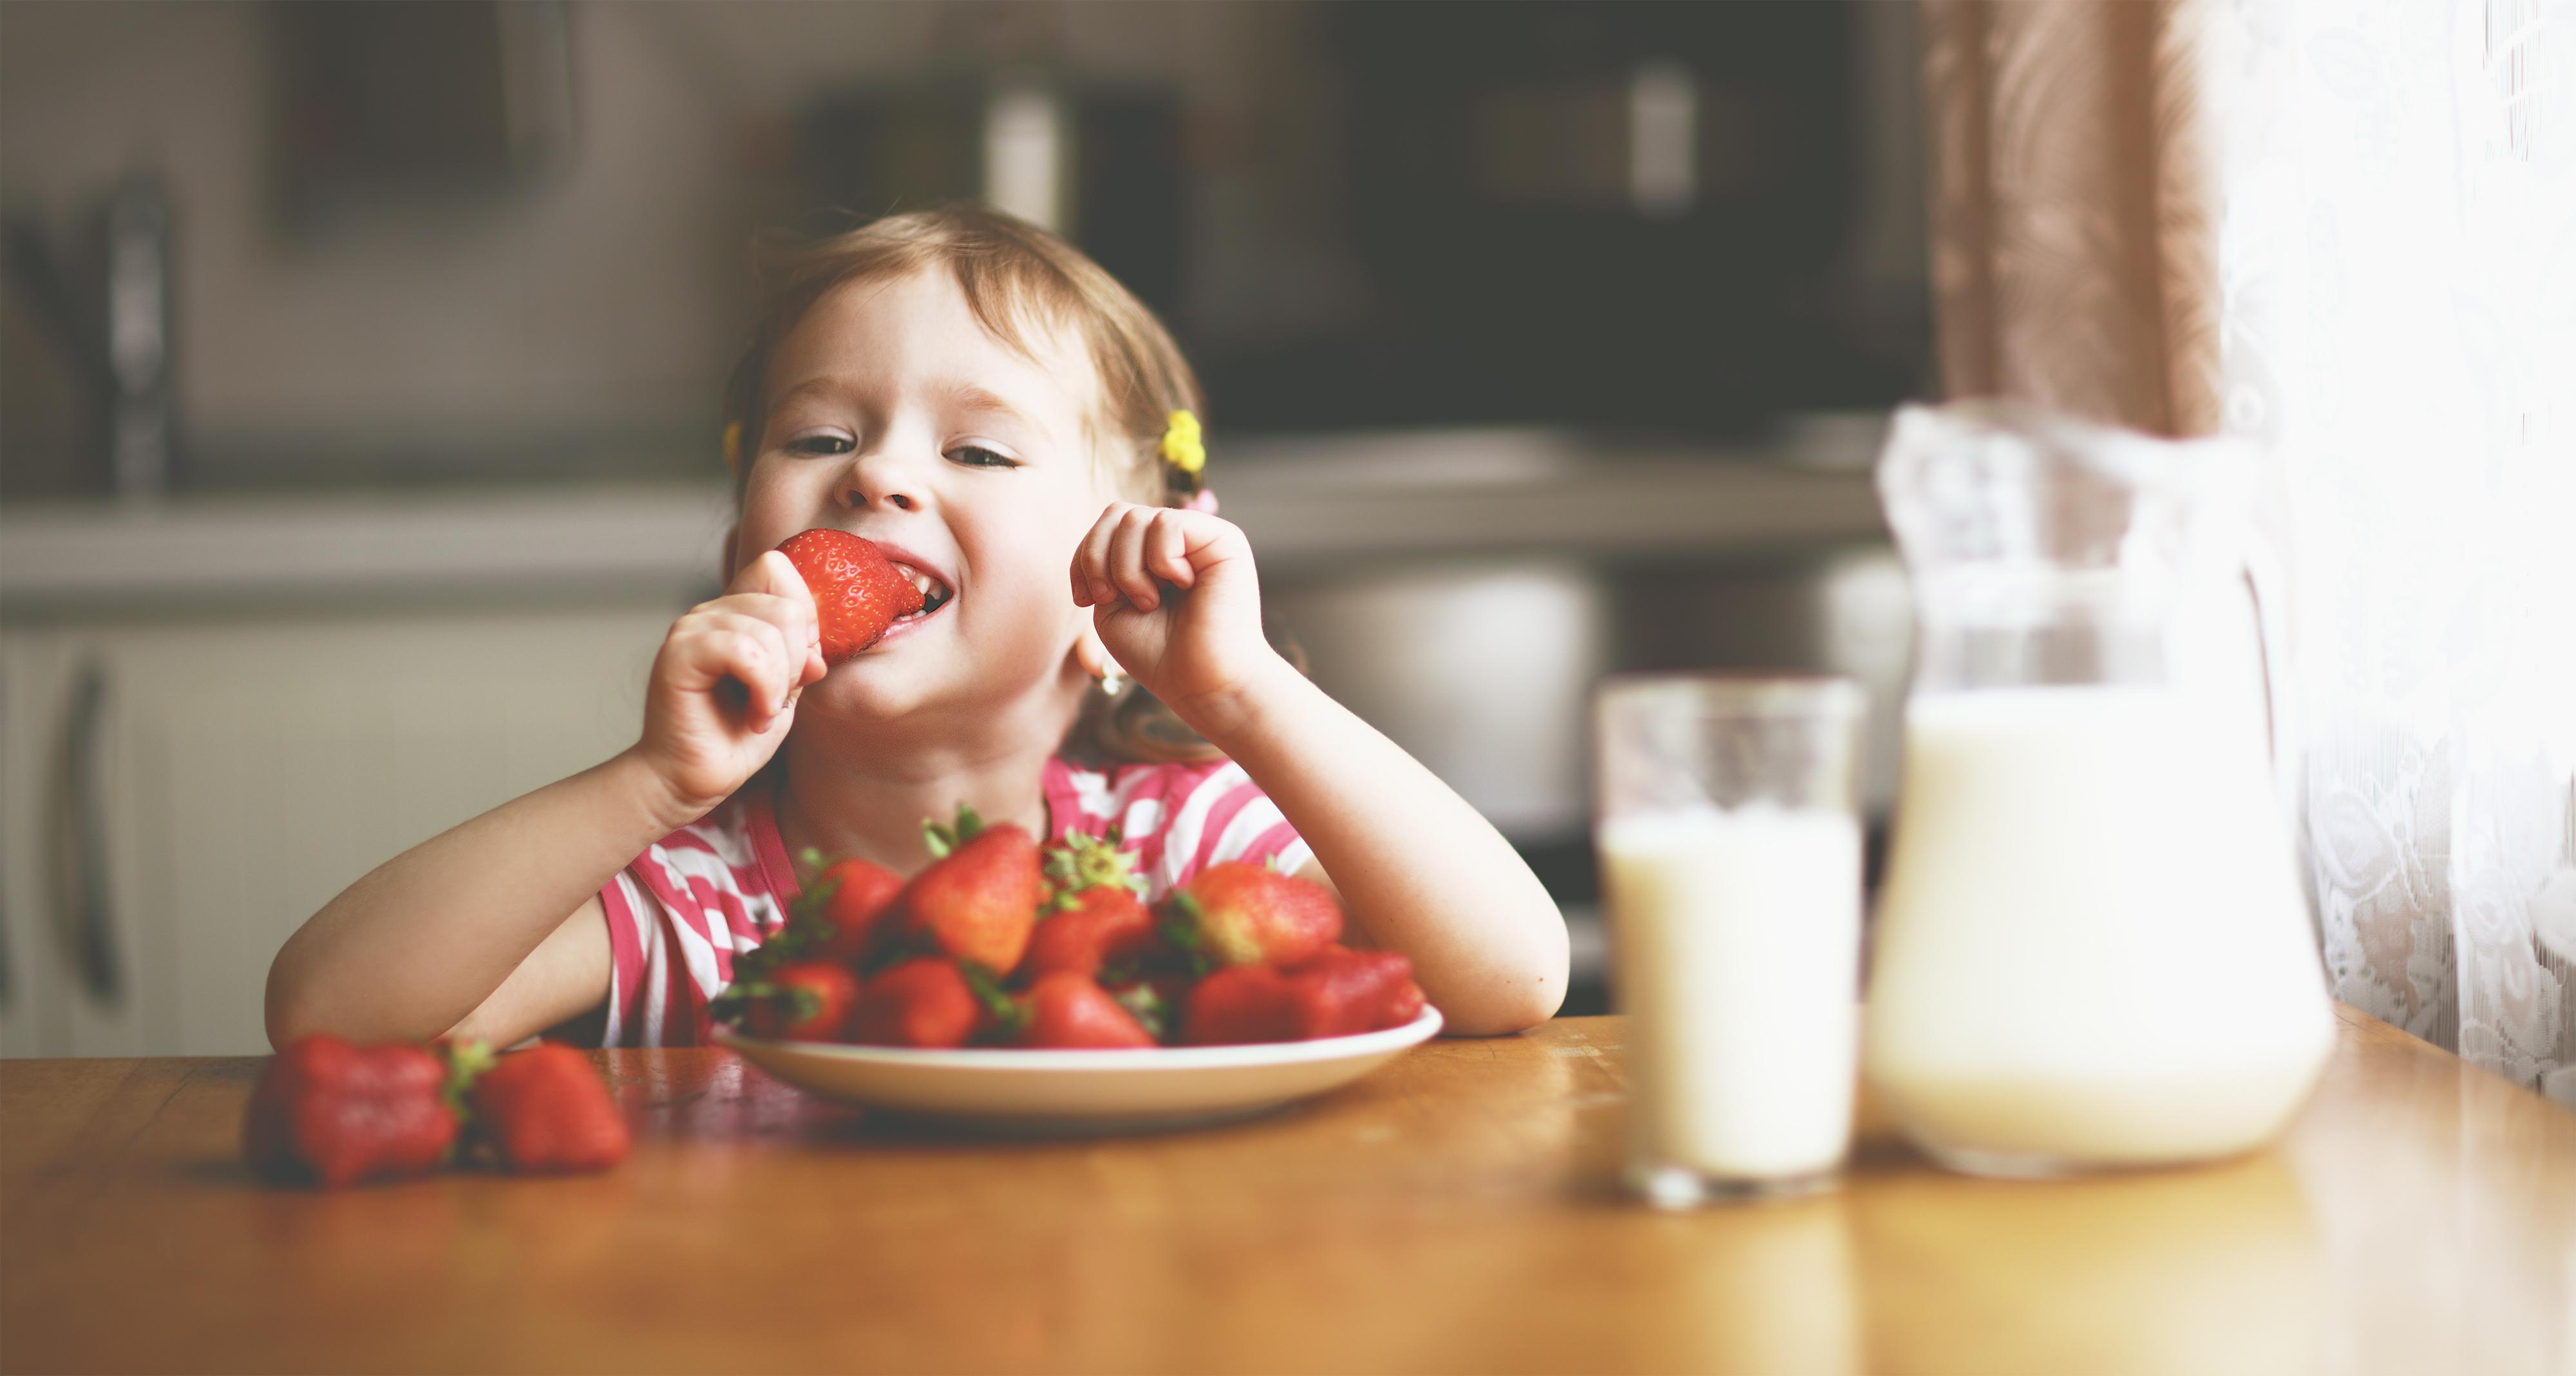 Niña de 2 años comiendo fresas